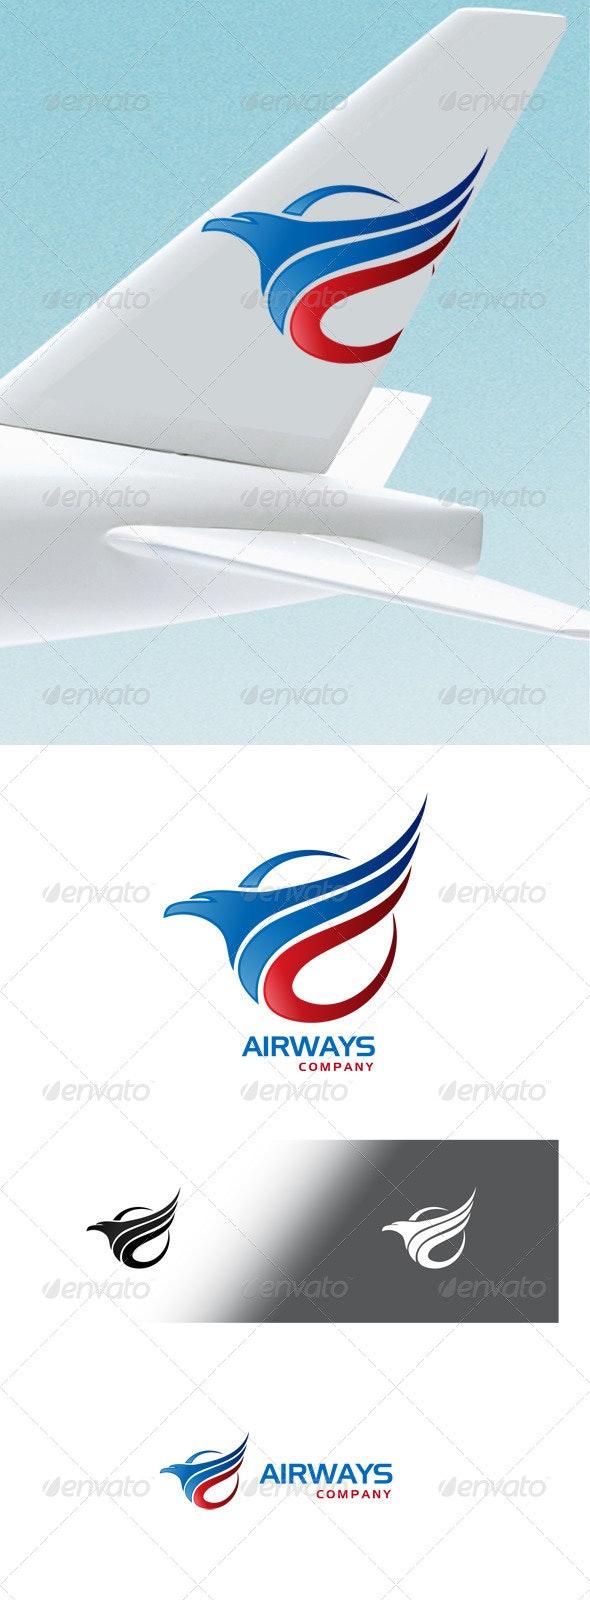 Airways Company Logo - Company Logo Templates